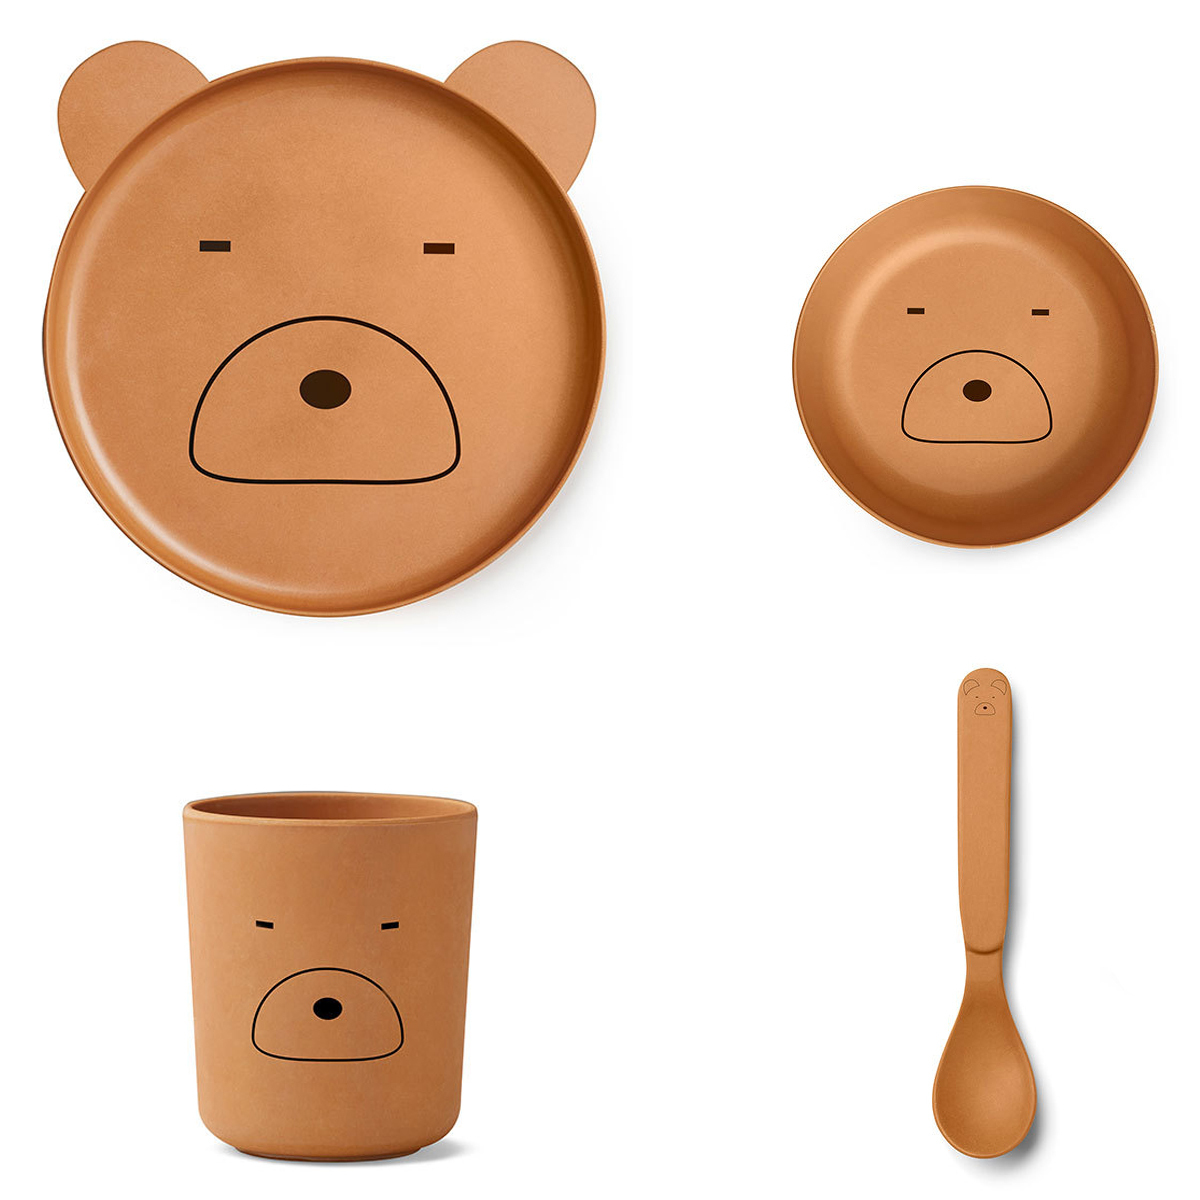 Coffret repas Set de vaisselle Mr. Bear - Moutarde Set de vaisselle Mr. Bear - Moutarde